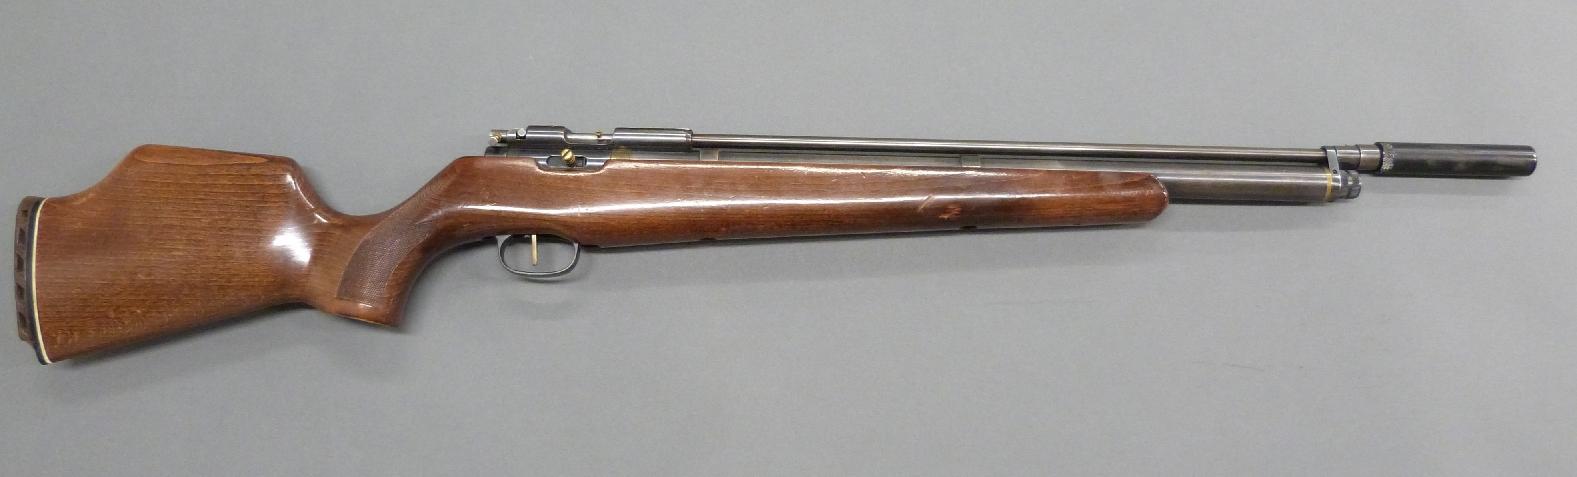 Titan/ Falcon  22 air rifle by John Bowkett marked S W P